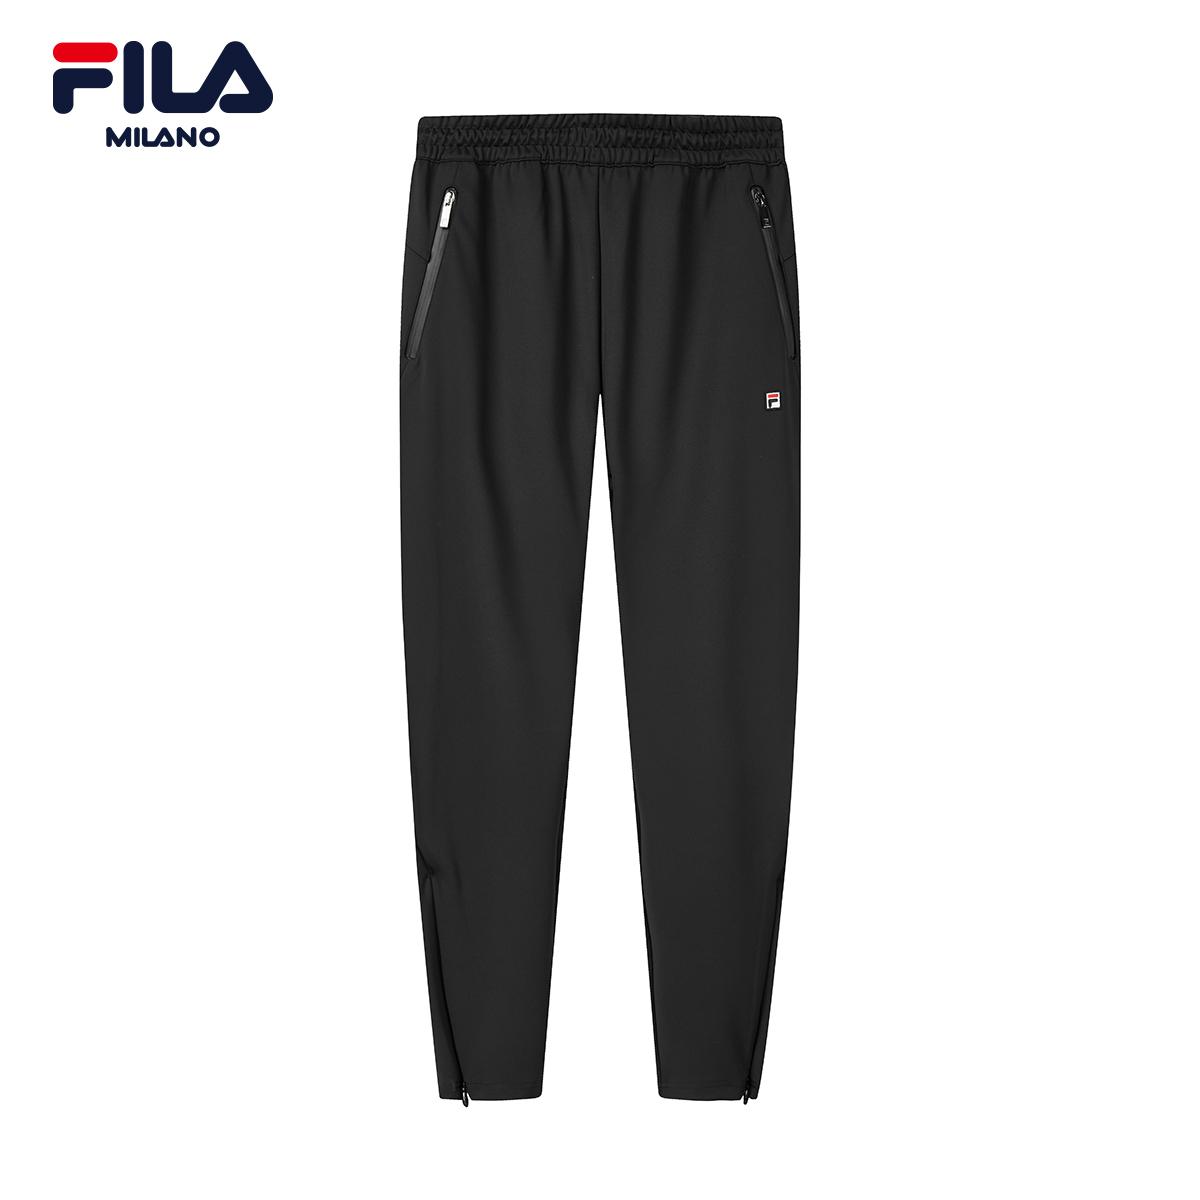 FILA斐乐米兰时装周男子针织长裤2020春新款休闲直筒运动裤长裤男